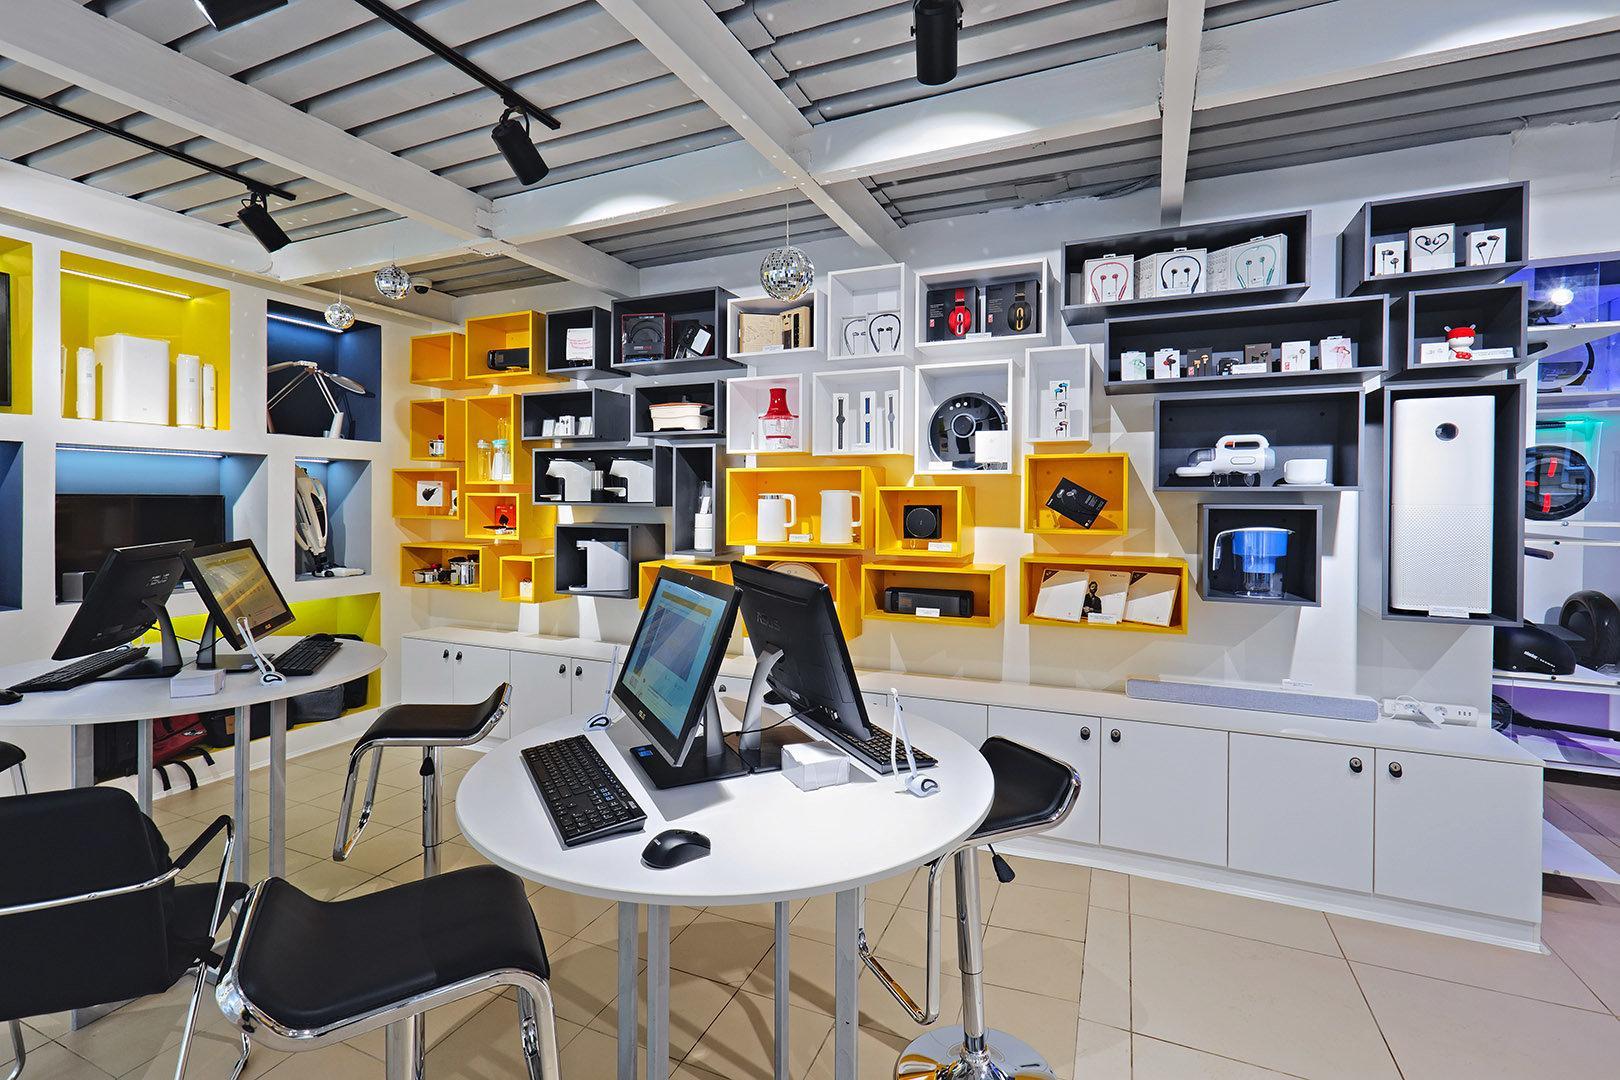 фотография Интернет-магазина цифровой техники и электротранспорта Futuland на улице Зацепа